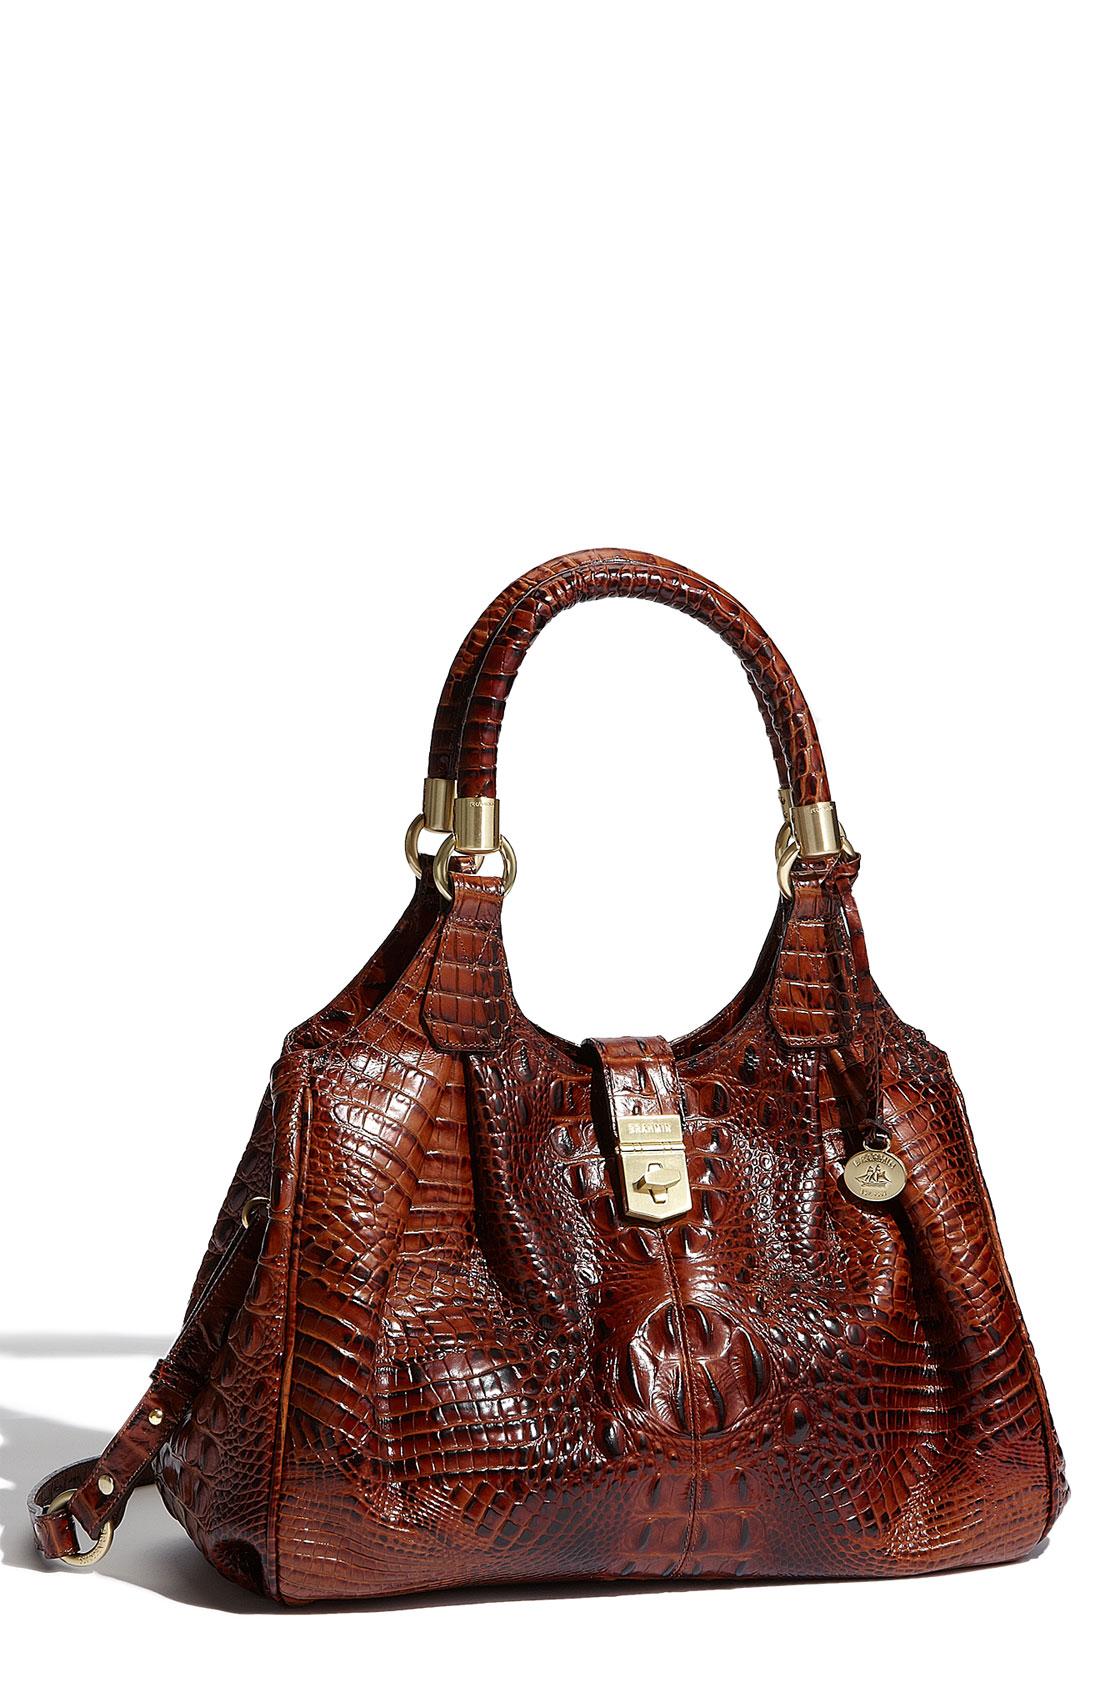 Brahmin 'Elisa' Handbag in Brown (pecan)